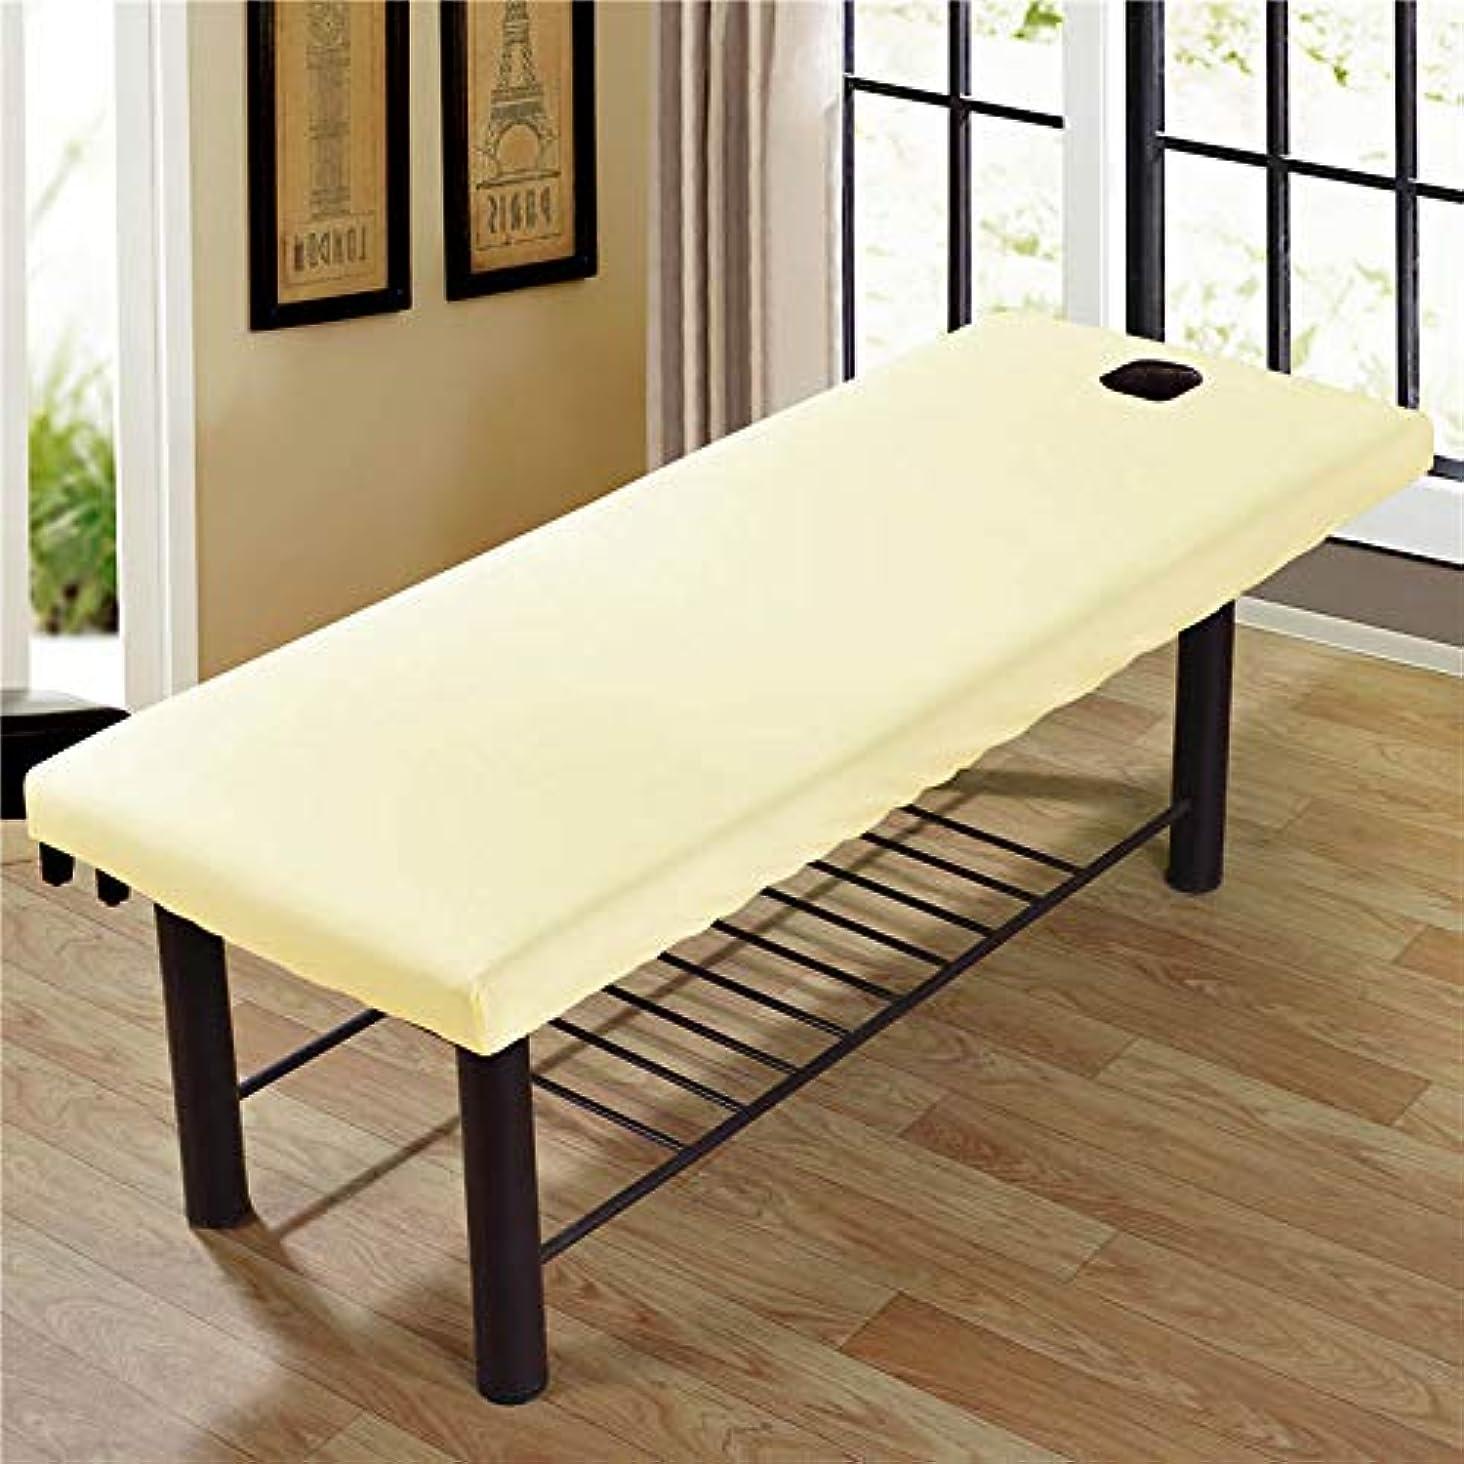 JanusSaja 美容院のマッサージ療法のベッドのための柔らかいSoliod色の長方形のマットレス